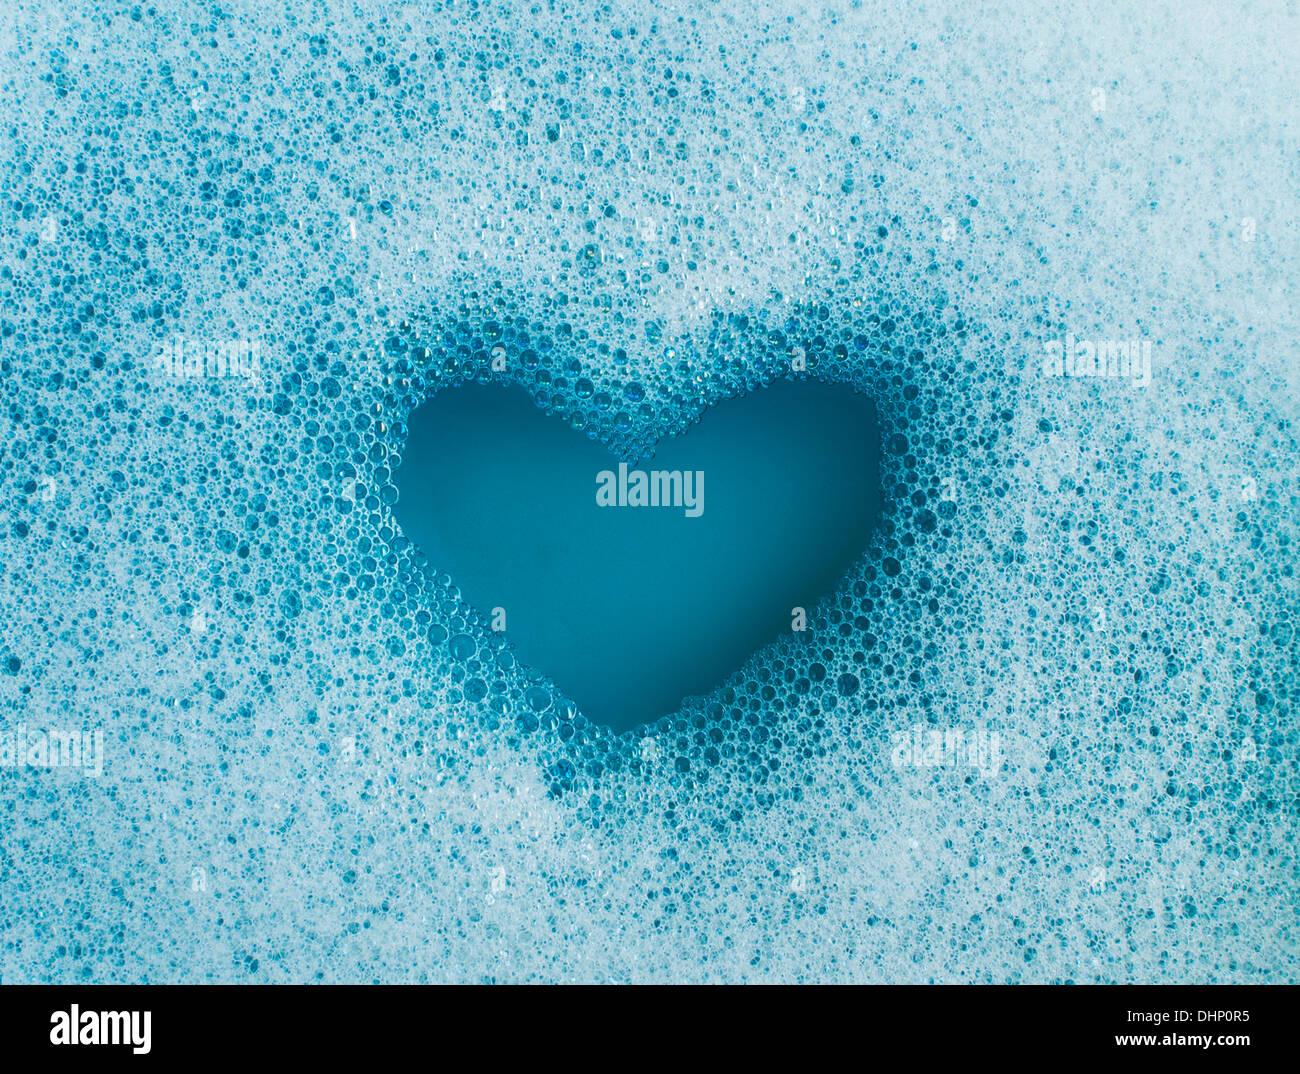 Forma di cuore creati al di fuori di schiuma di sapone Foto Stock